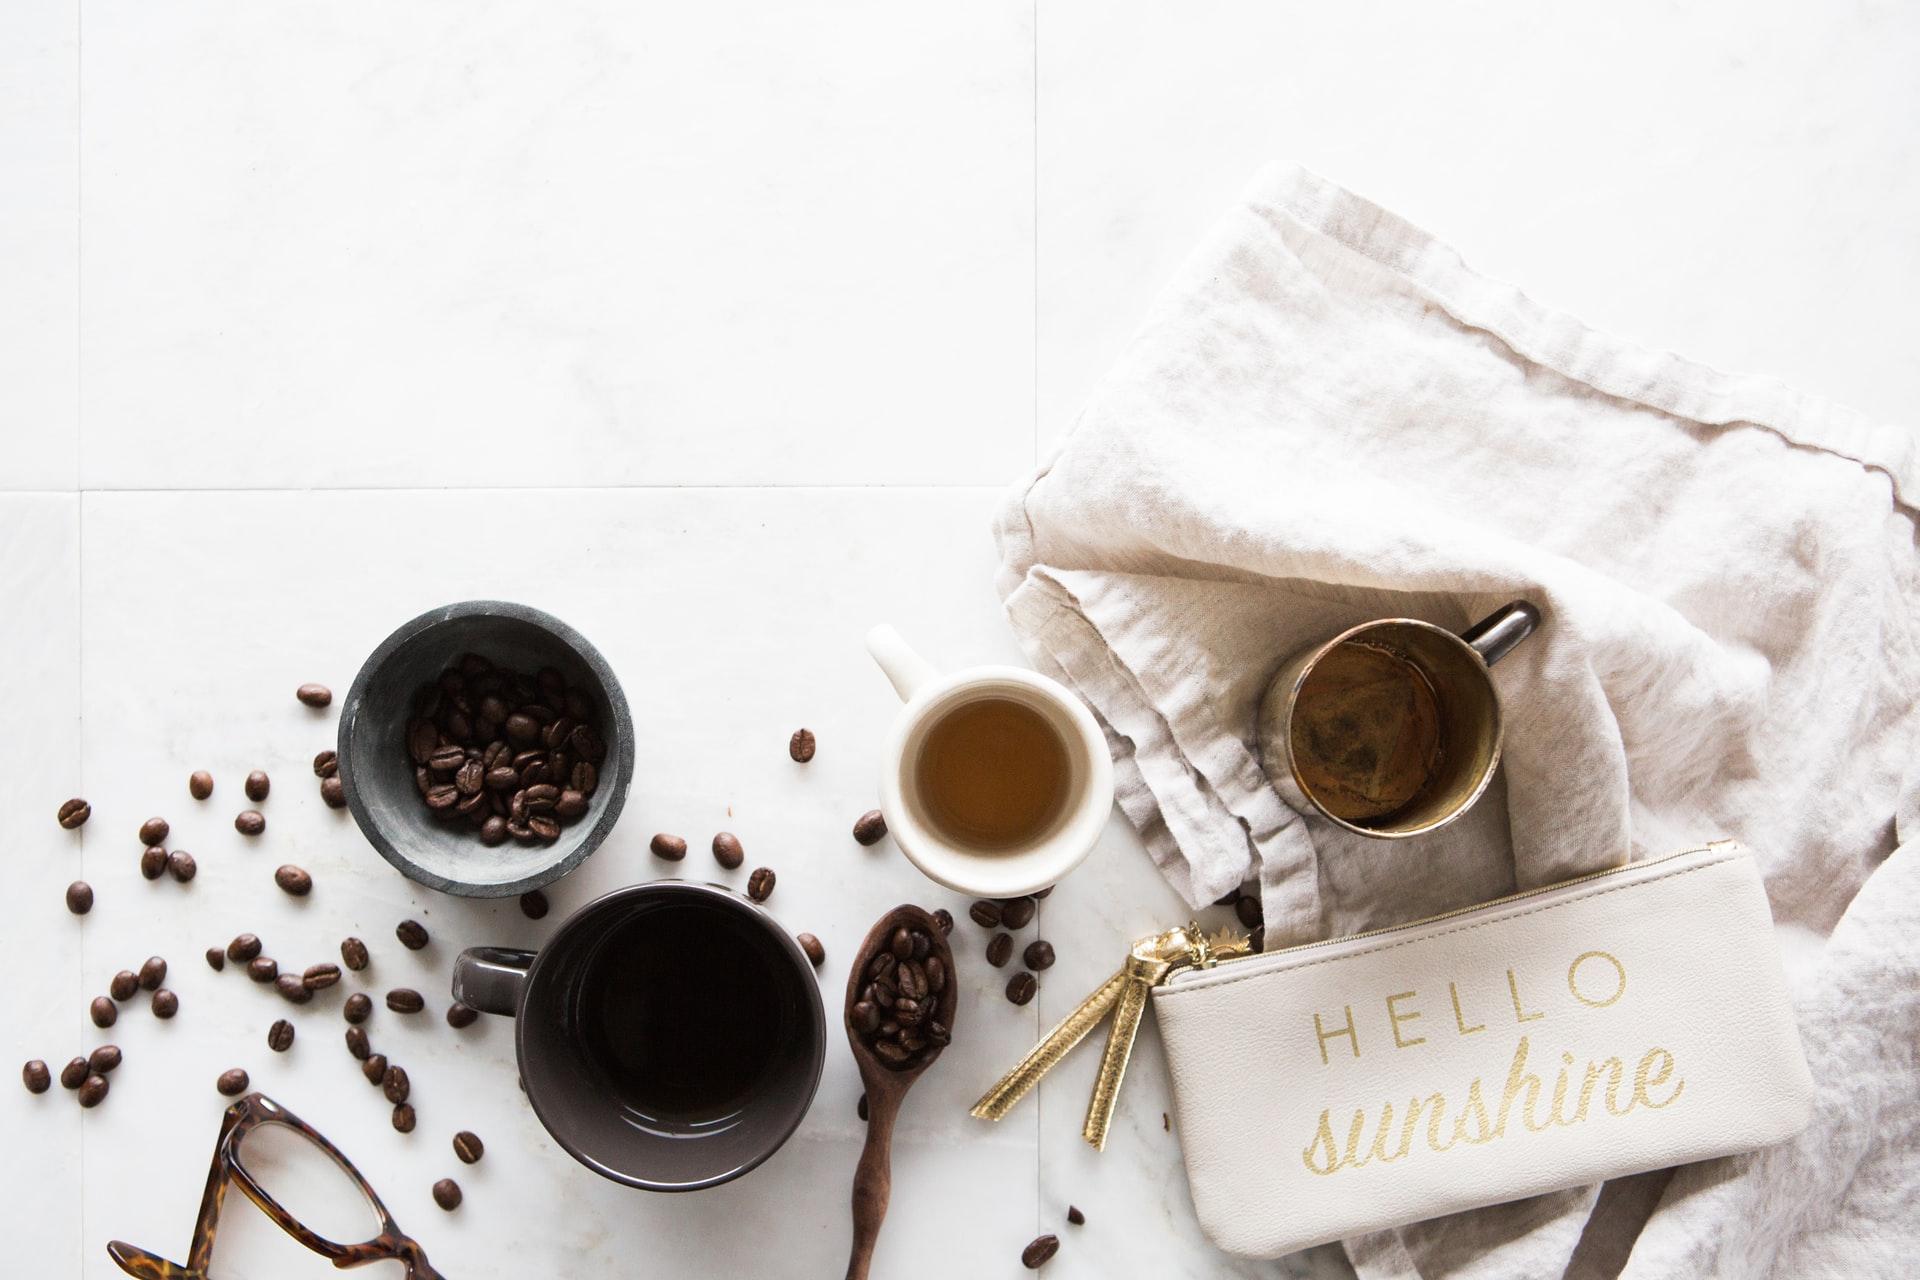 efectos e la cafeína en el cuerpo